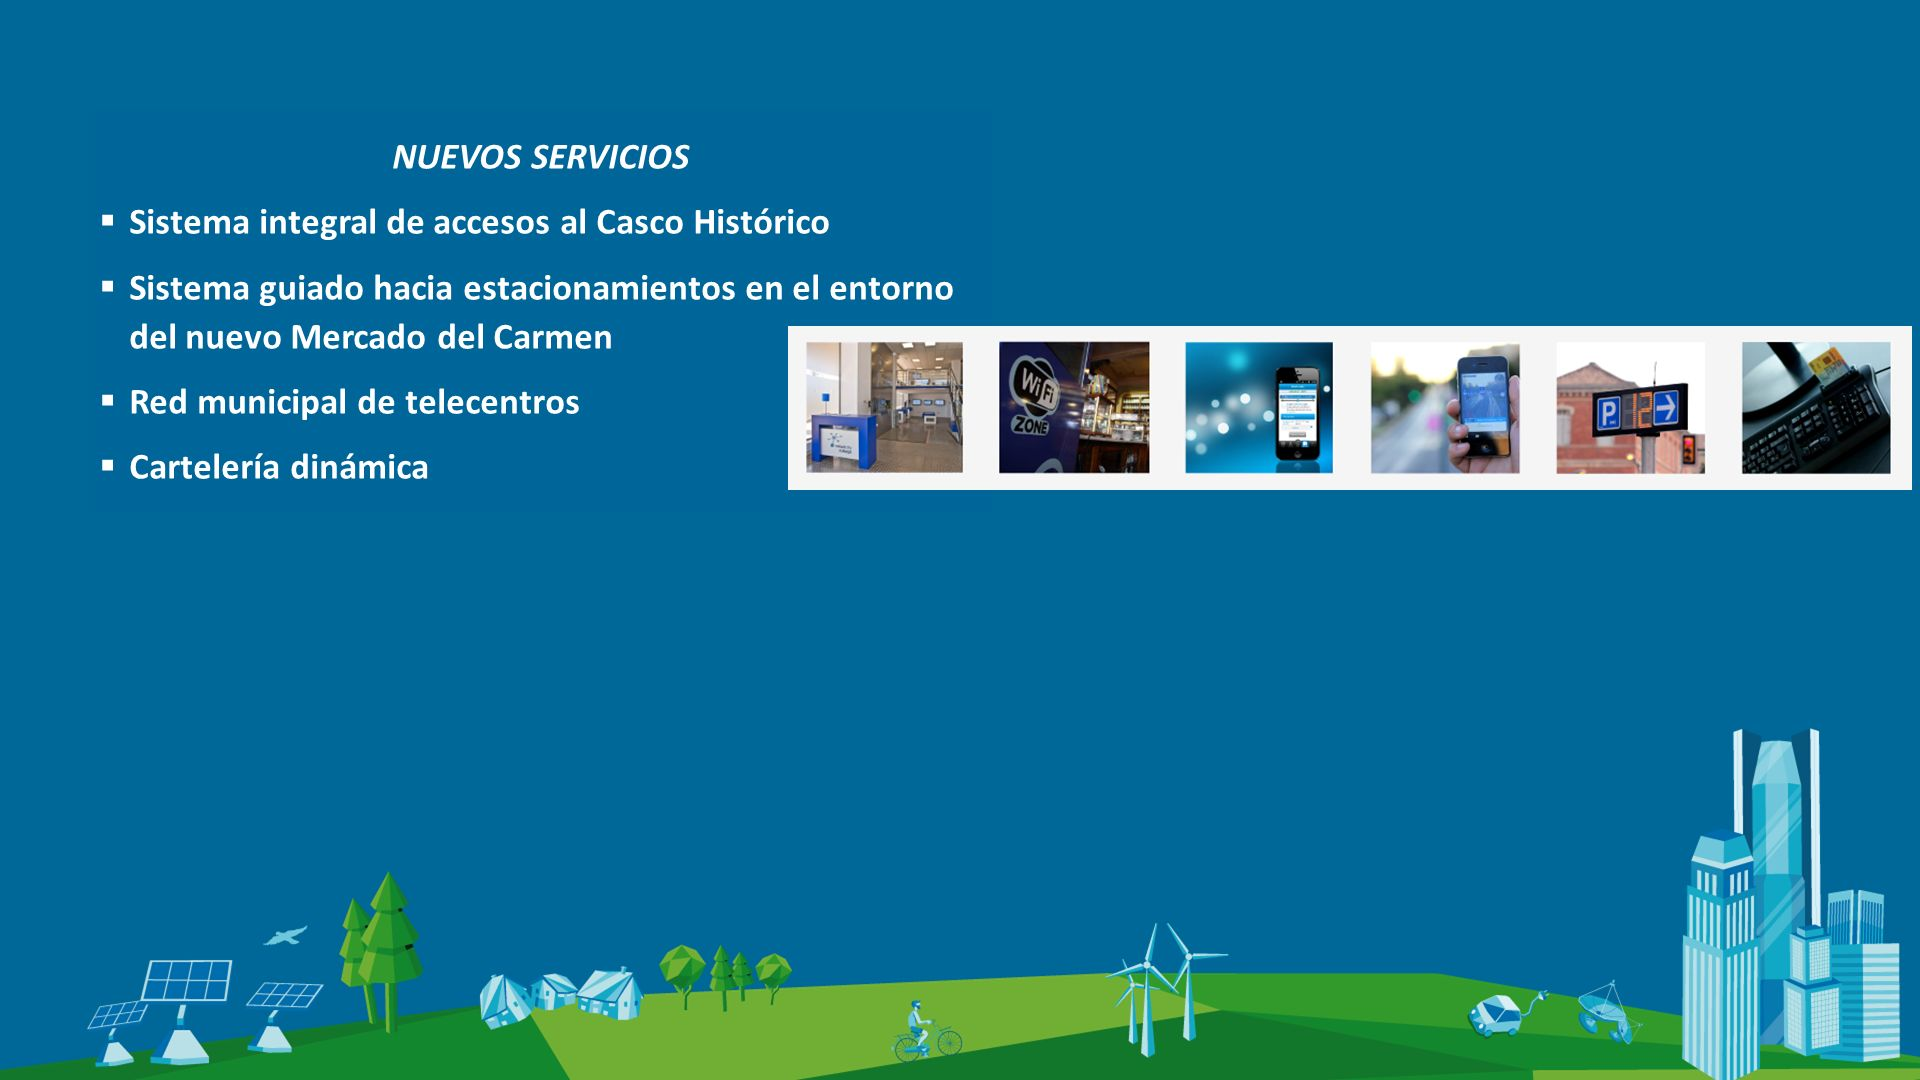 NUEVOS SERVICIOS Sistema integral de accesos al Casco Histórico Sistema guiado hacia estacionamientos en el entorno del nuevo Mercado del Carmen Red municipal de telecentros Cartelería dinámica